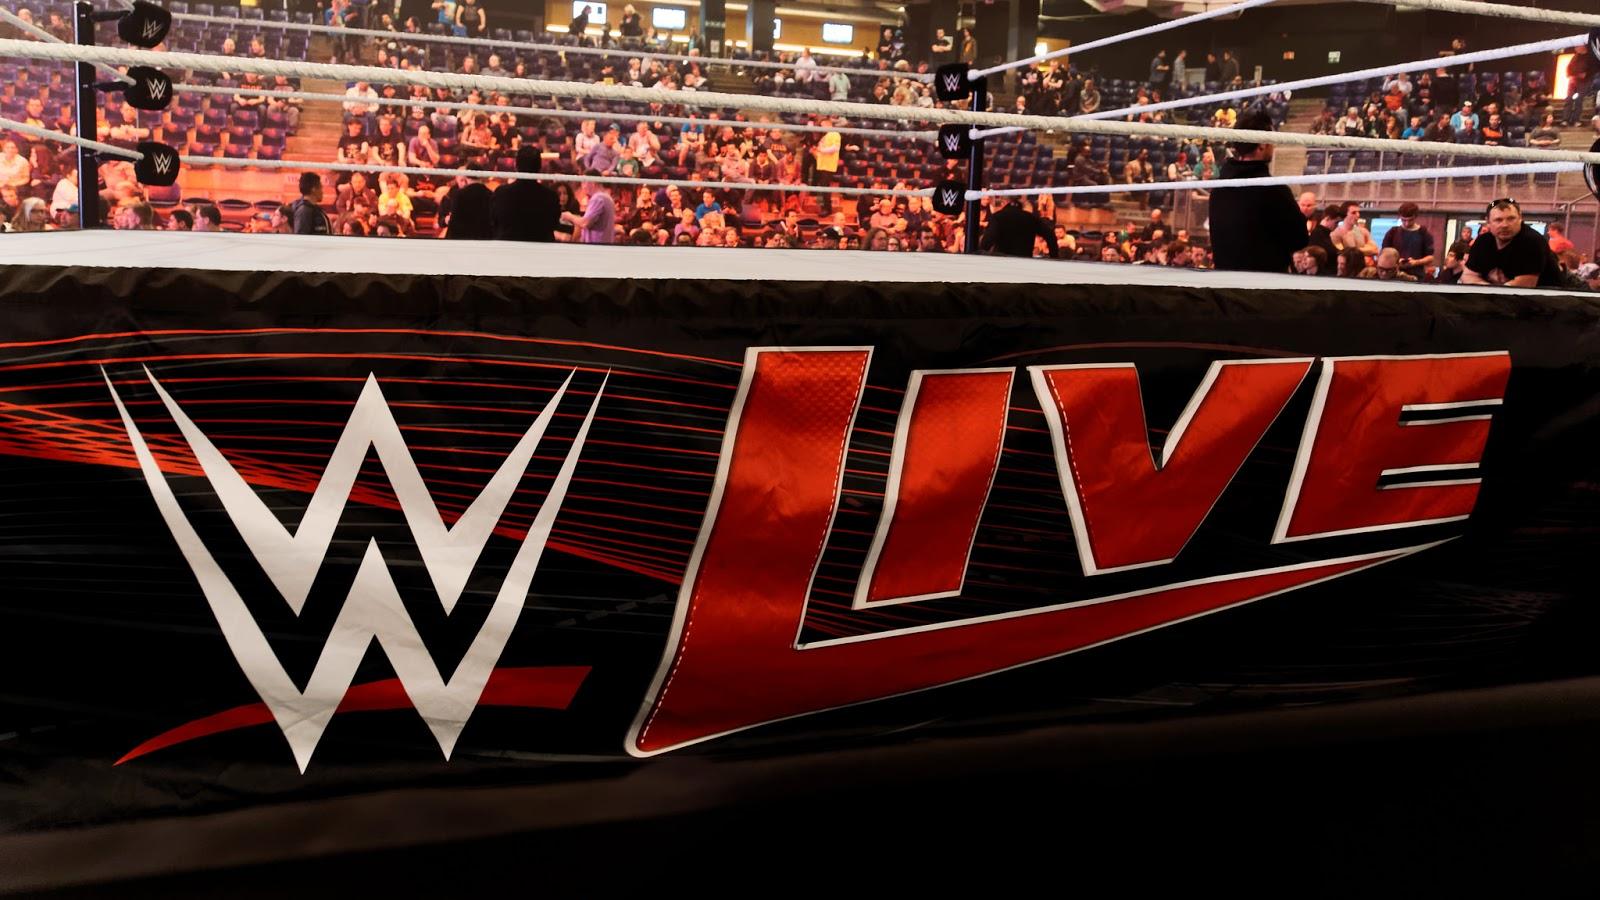 Imagem: Lenda da luta livre mexicana presentes em evento ao vivo da WWE